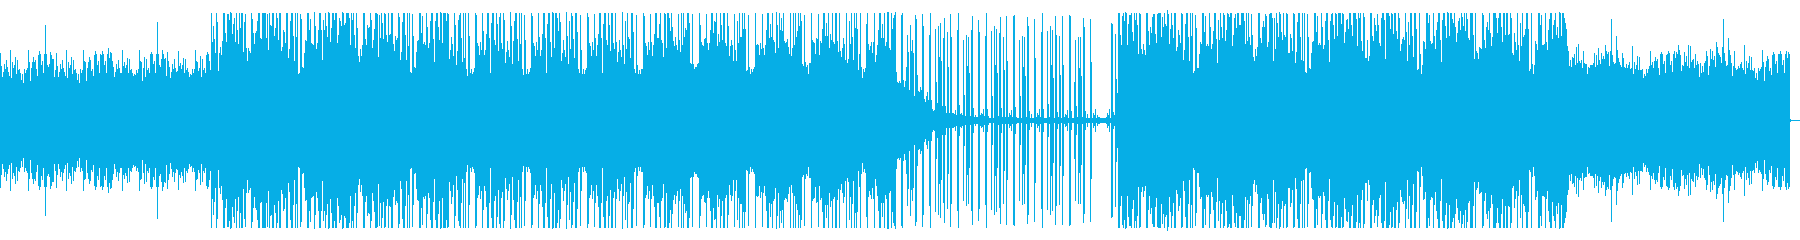 大人な雰囲気のジャジーヒップホップの再生済みの波形